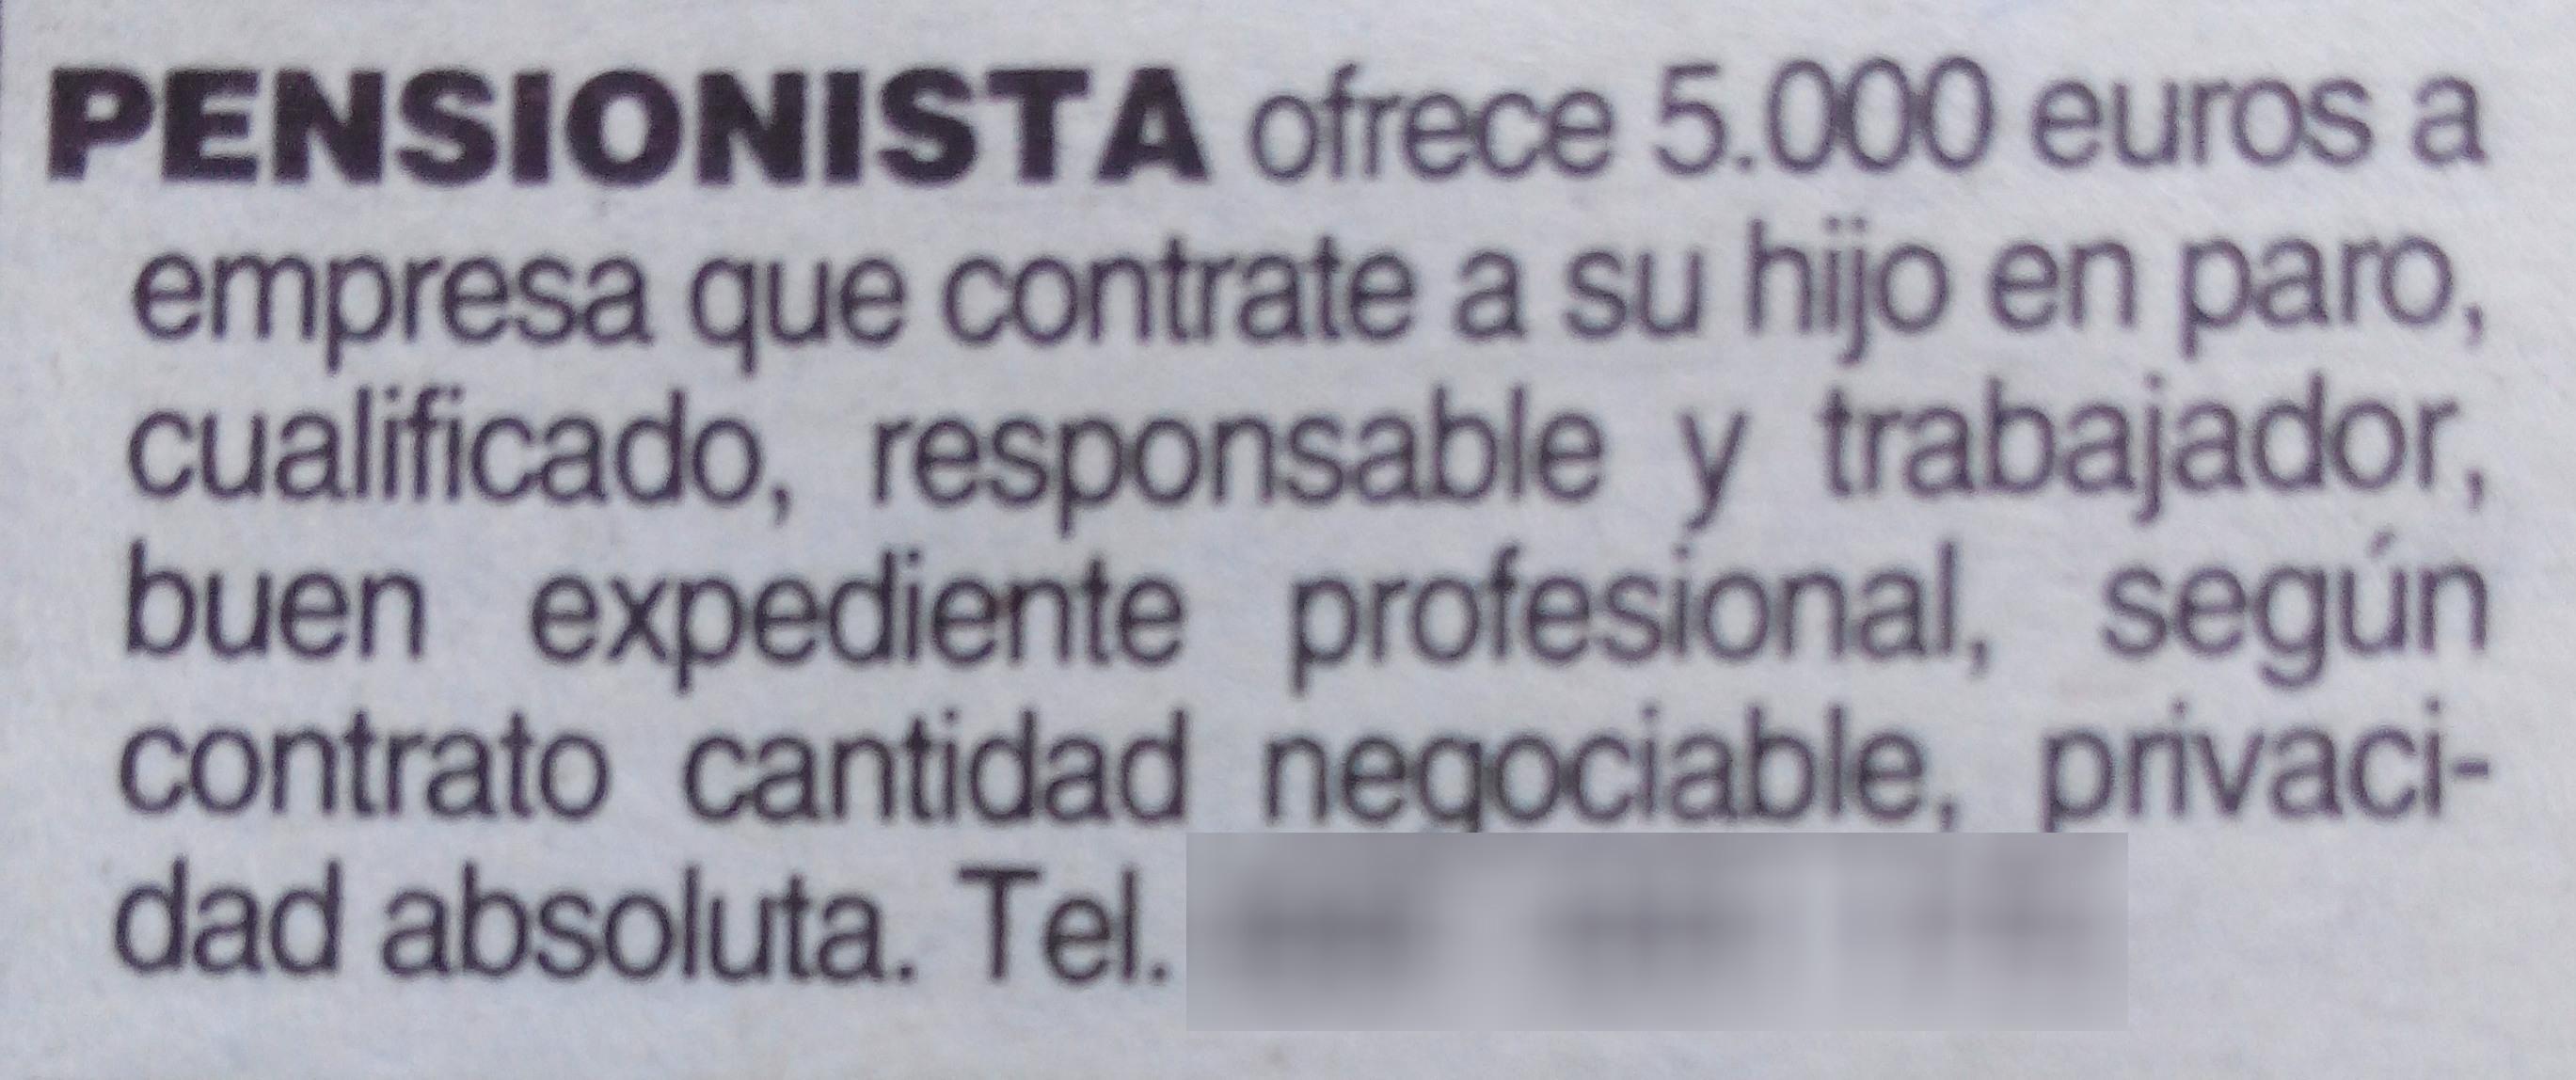 La semana pasada apareció este anuncio en los clasificados de Heraldo de Aragón, ¿qué os parece? #desempleo #empleo vía Elena Ariño @earinolecina  #RRHH #Empleo #Trabajo #OrientacionLaboral #Empresa #RecursosHumanos #Orientacion #OrientacionProfresional